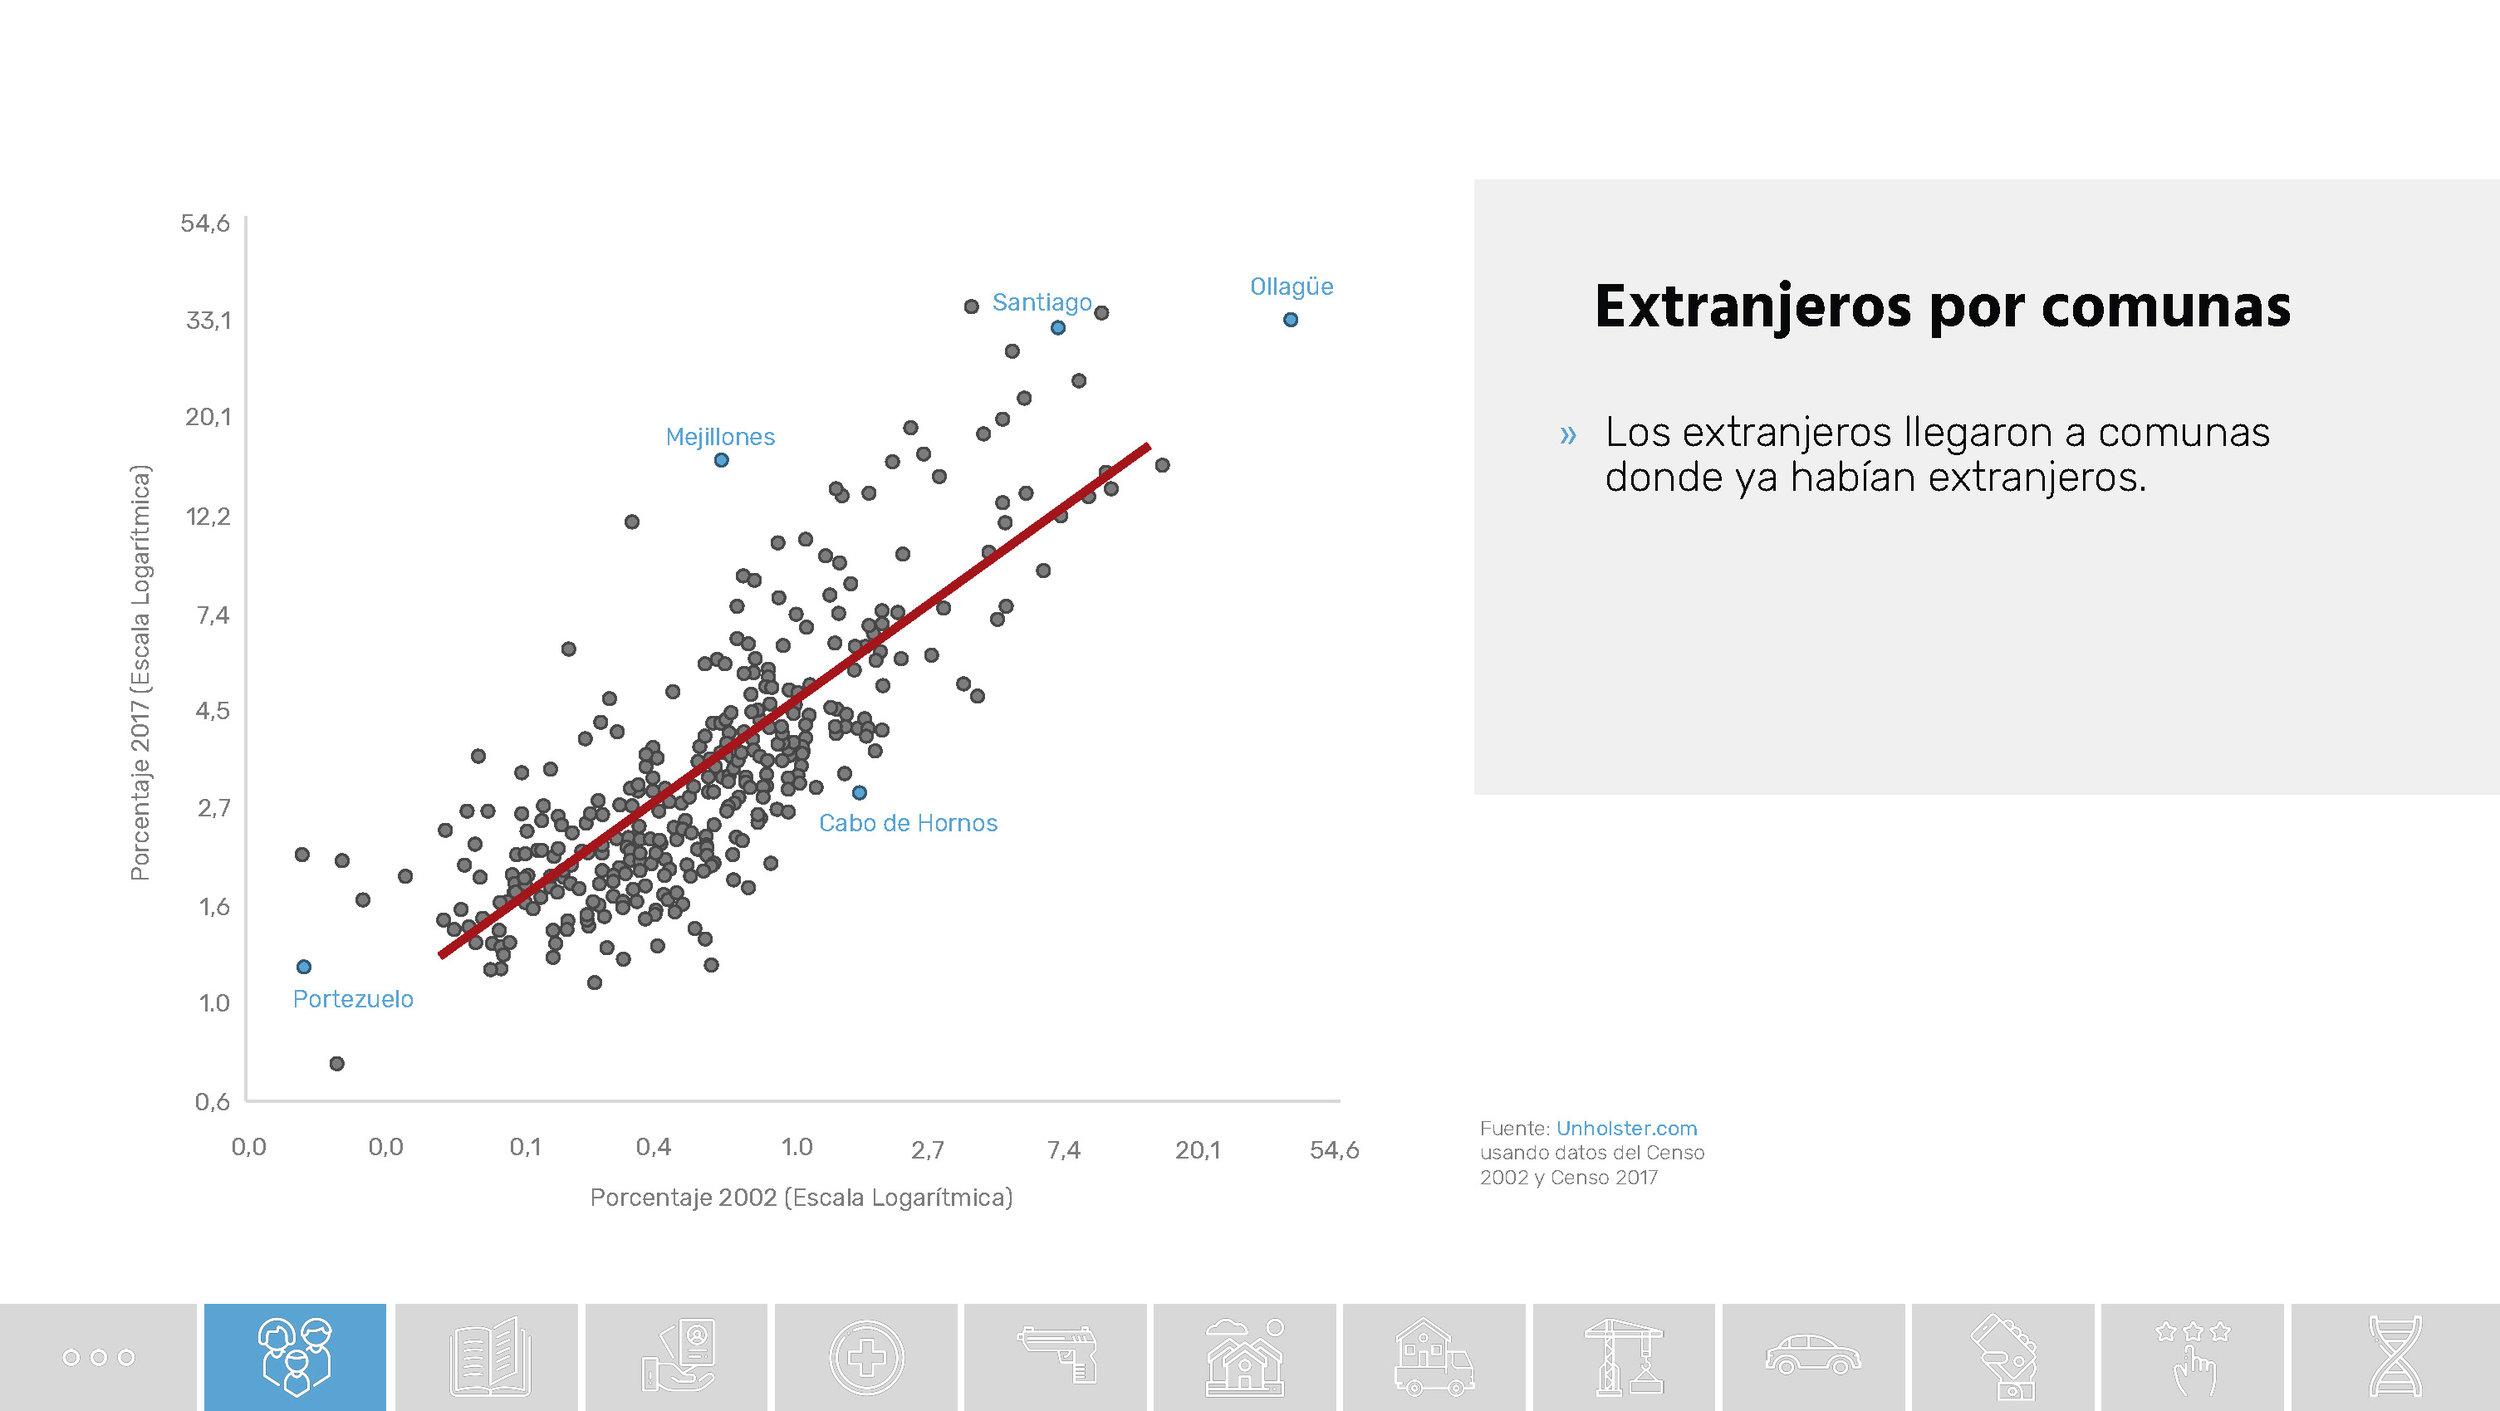 Chile_Datos de una transformacion social_Unholster_Página_15.jpg